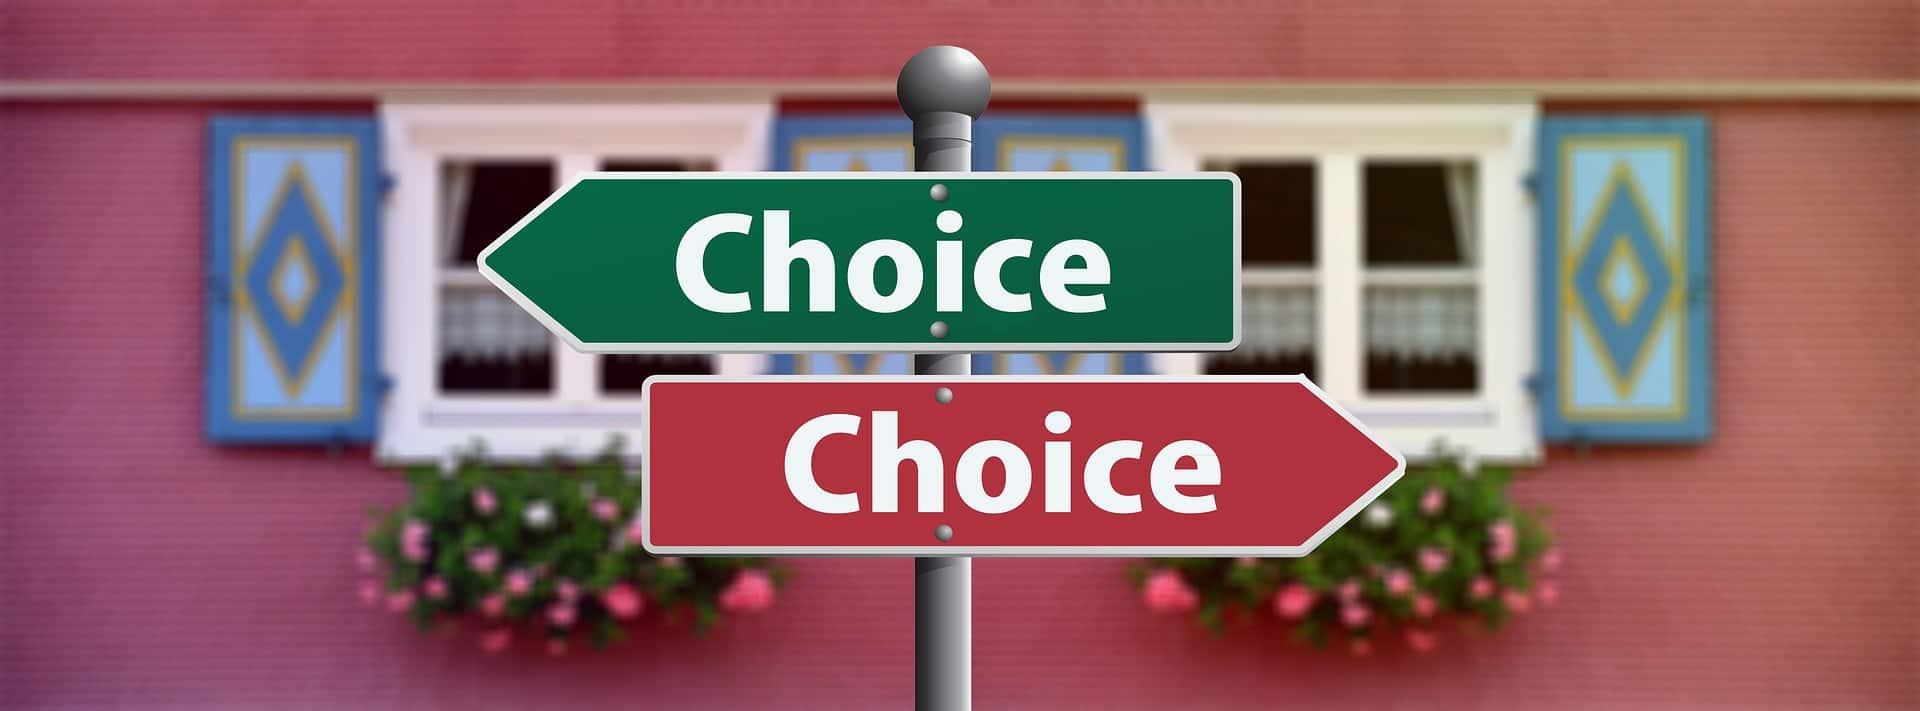 Mielőtt megvennél egy szoftvert, applikációt, online megoldást, itt nézd meg az alternatíváit!